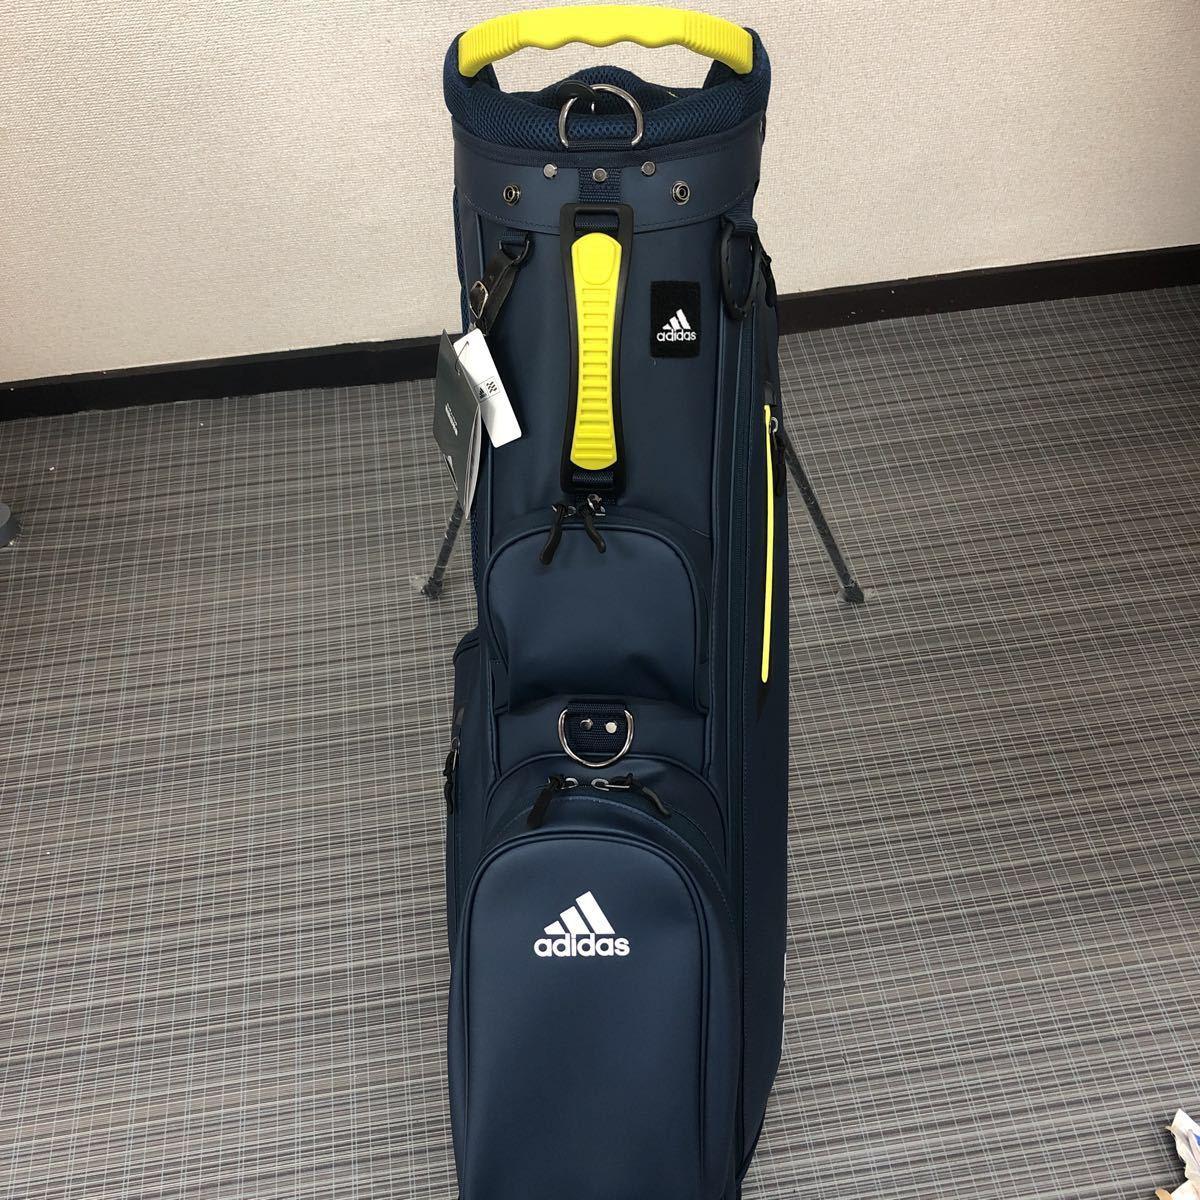 未使用品 アディダス adidas ゴルフ スタンド付き キャディバッグ ネイビー_画像3